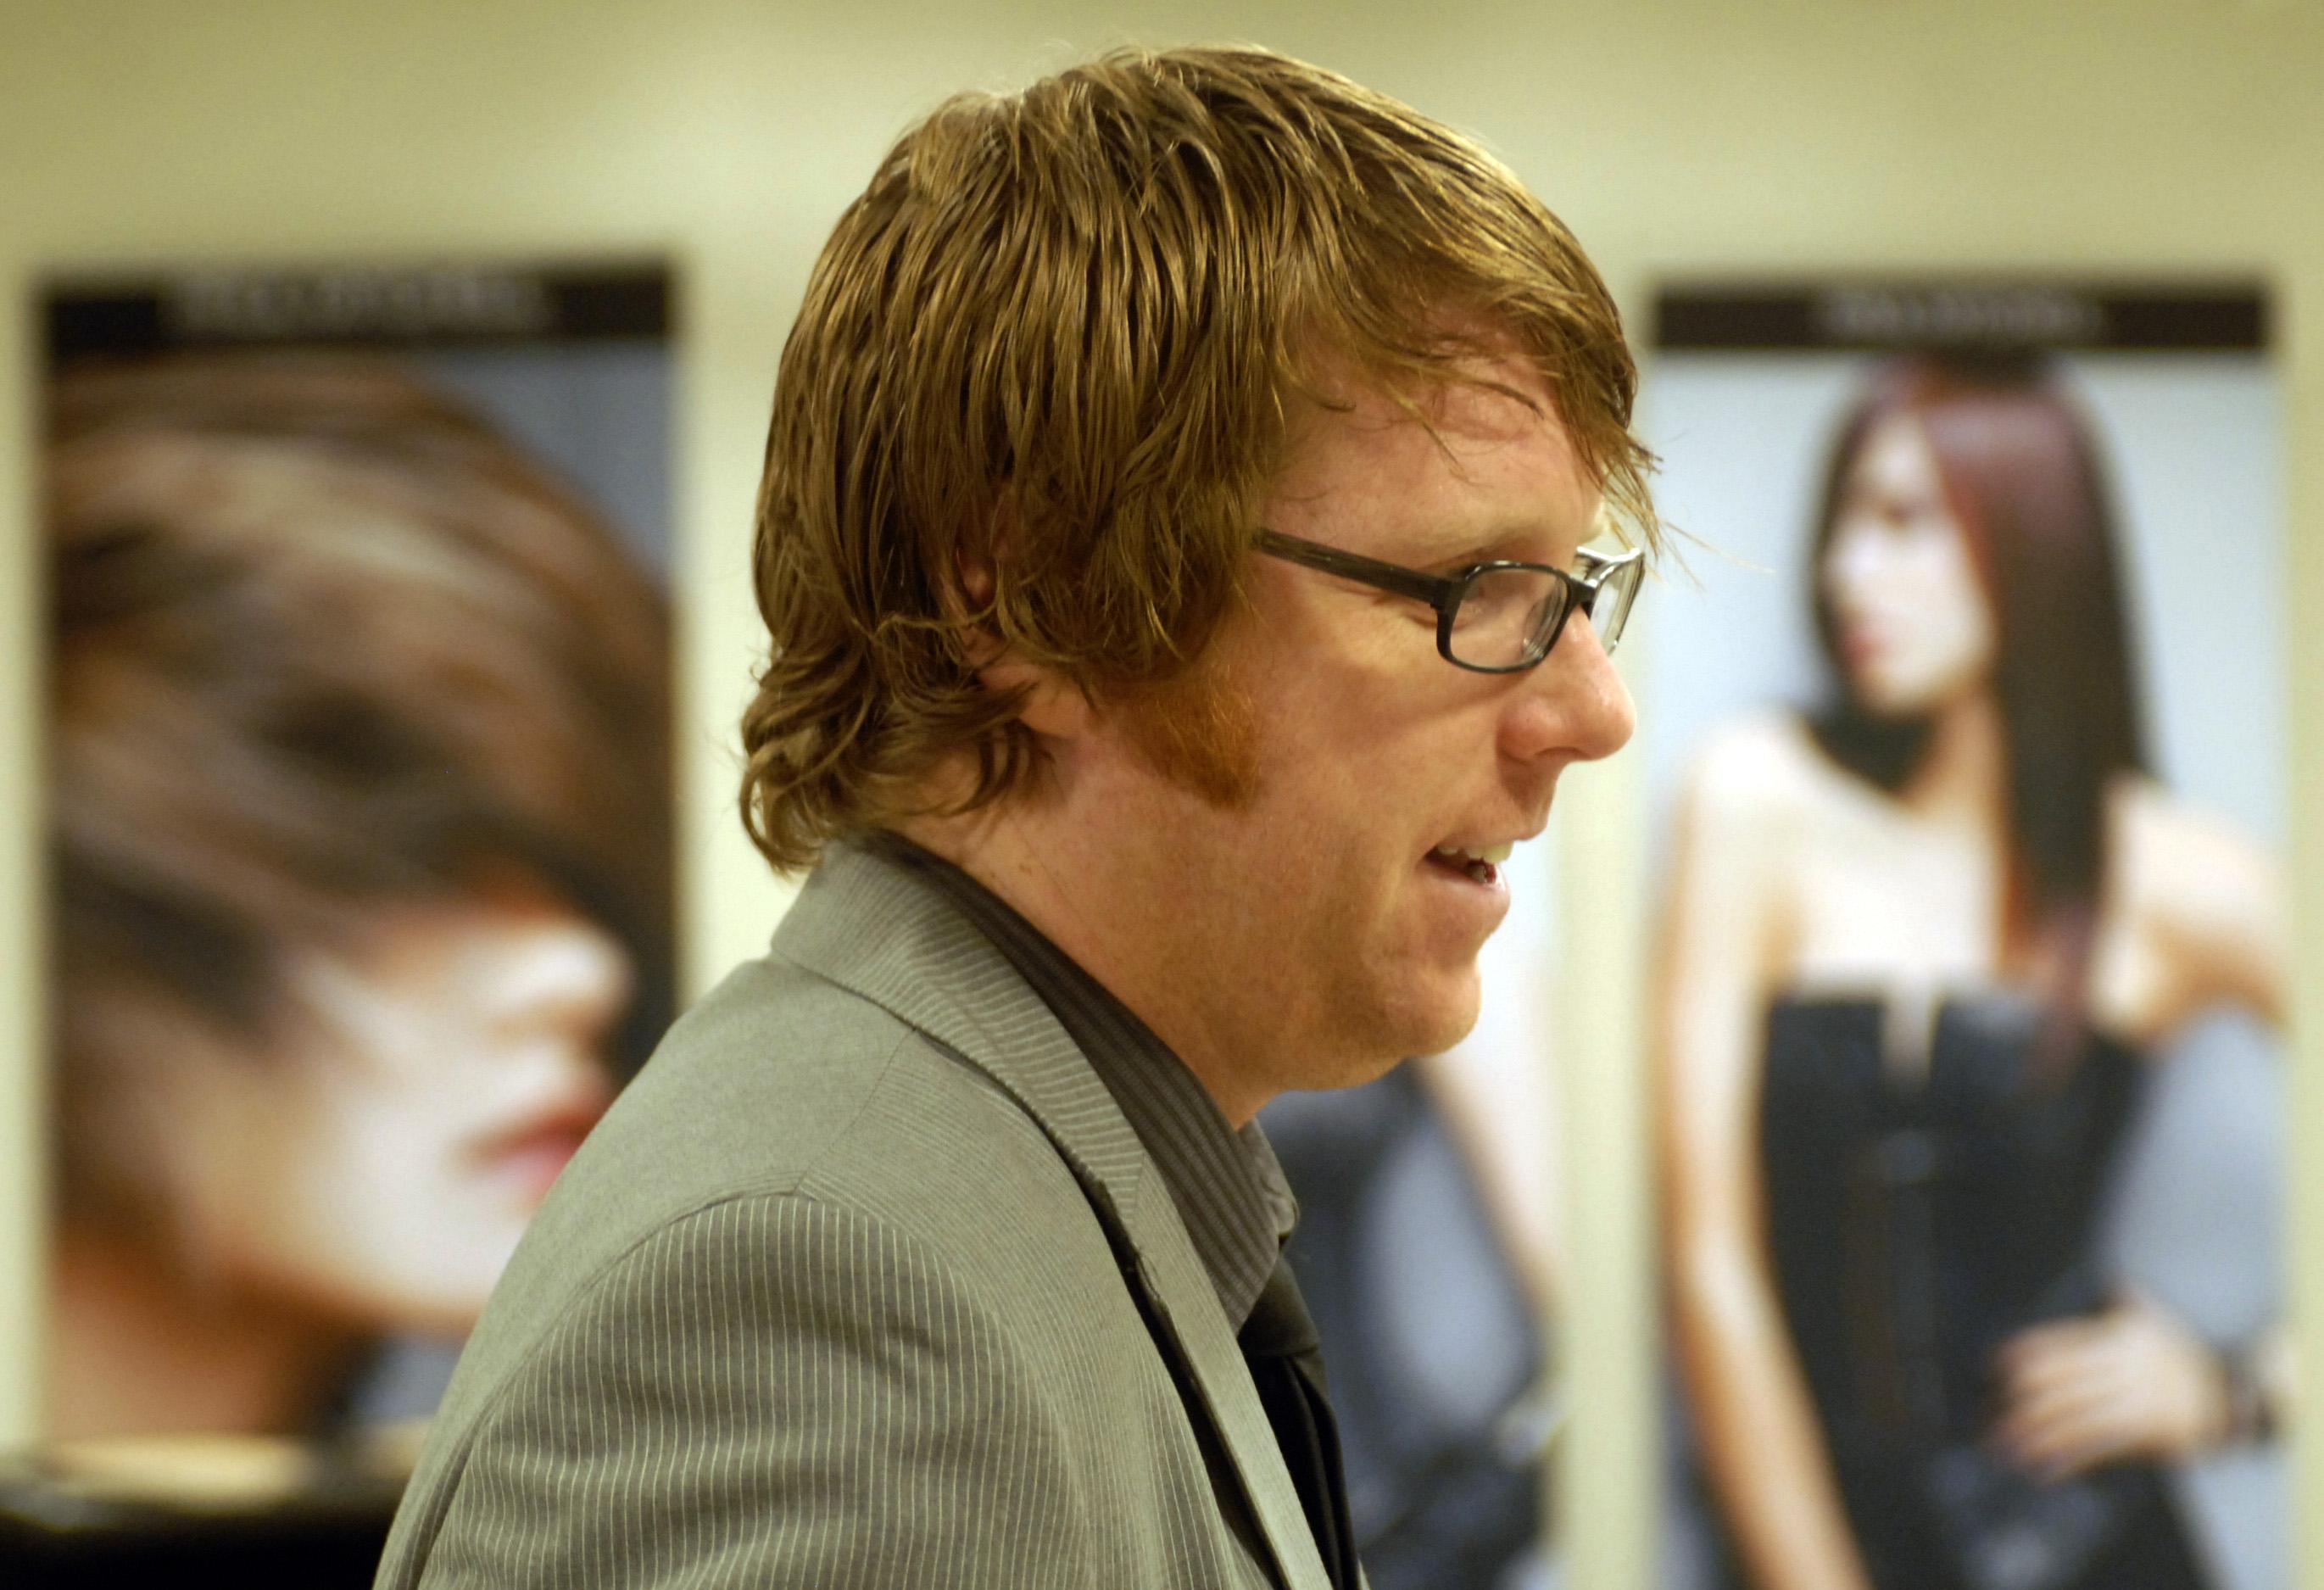 Paul Mitchell cosmetology school opens in Spokane Valley